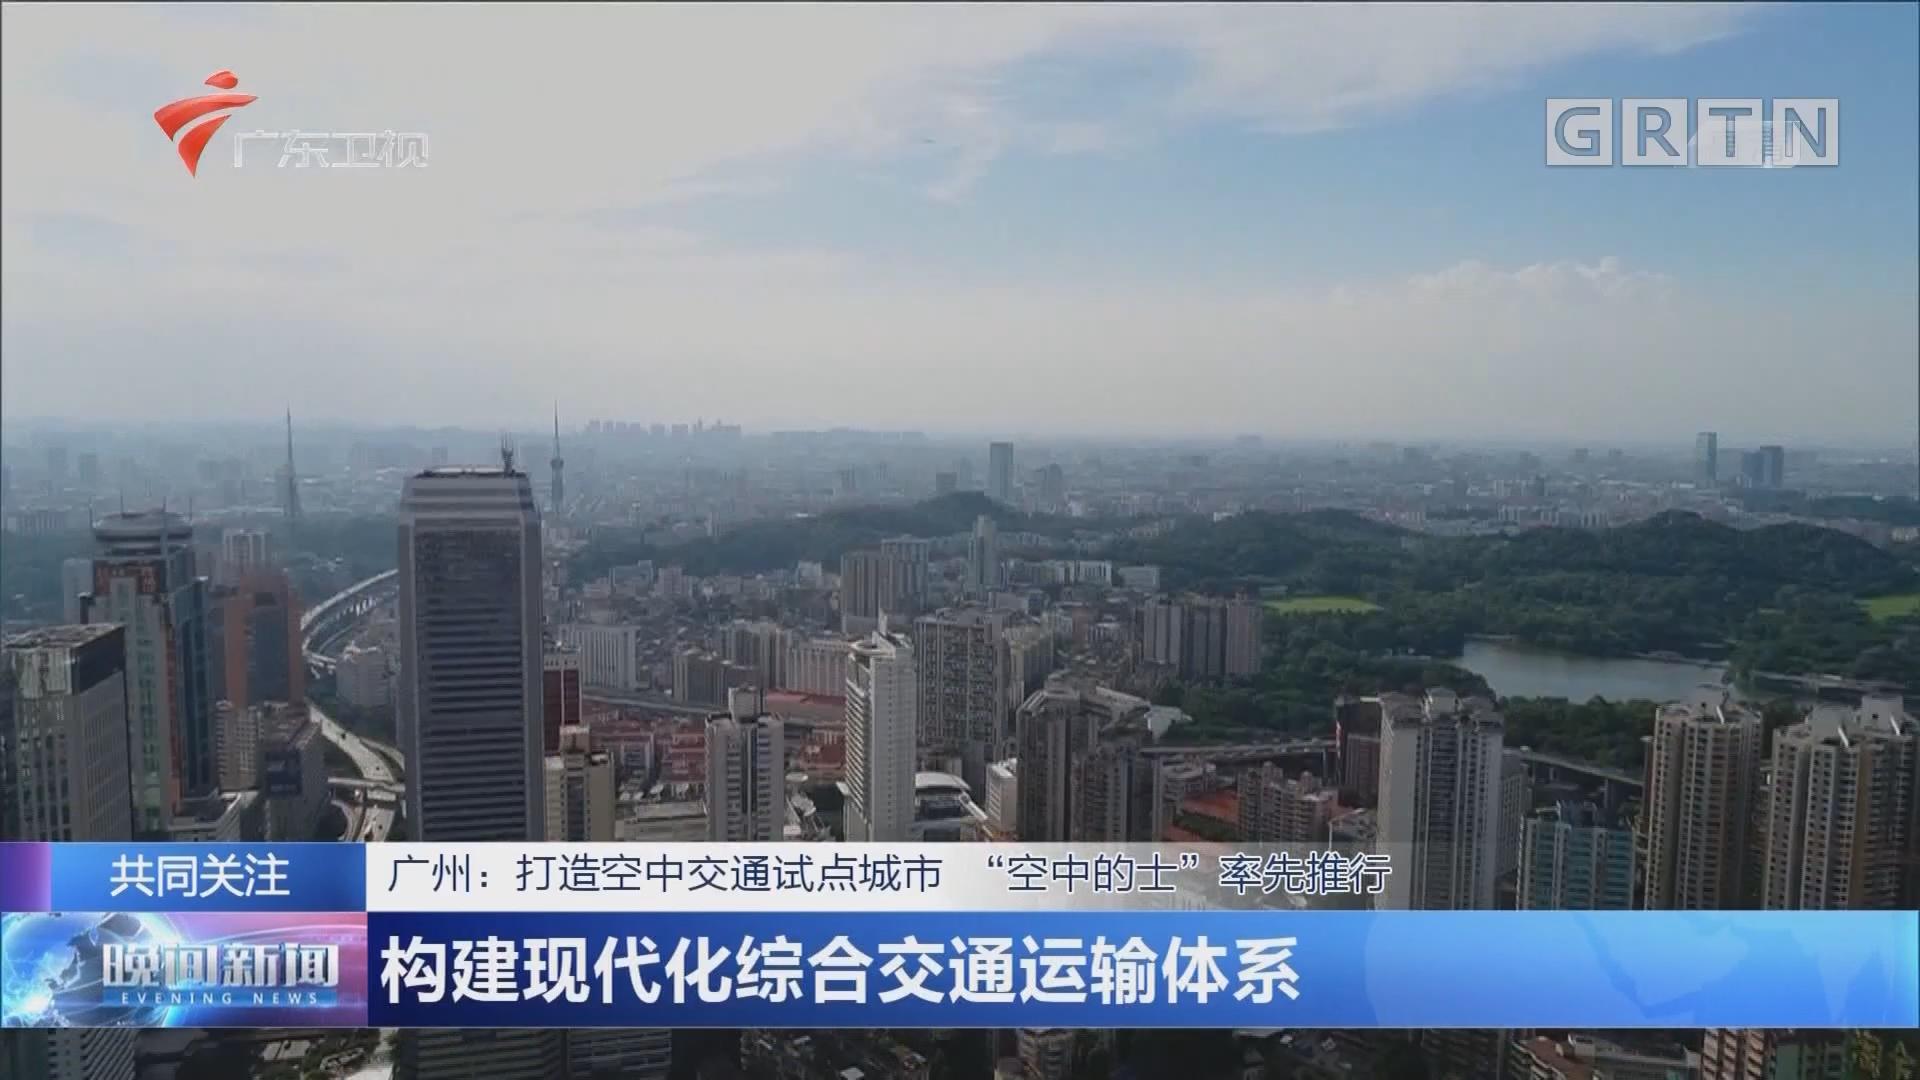 """广州:打造空中交通试点城市""""空中的士""""率先推行 构建现代化综合交通运输体系"""